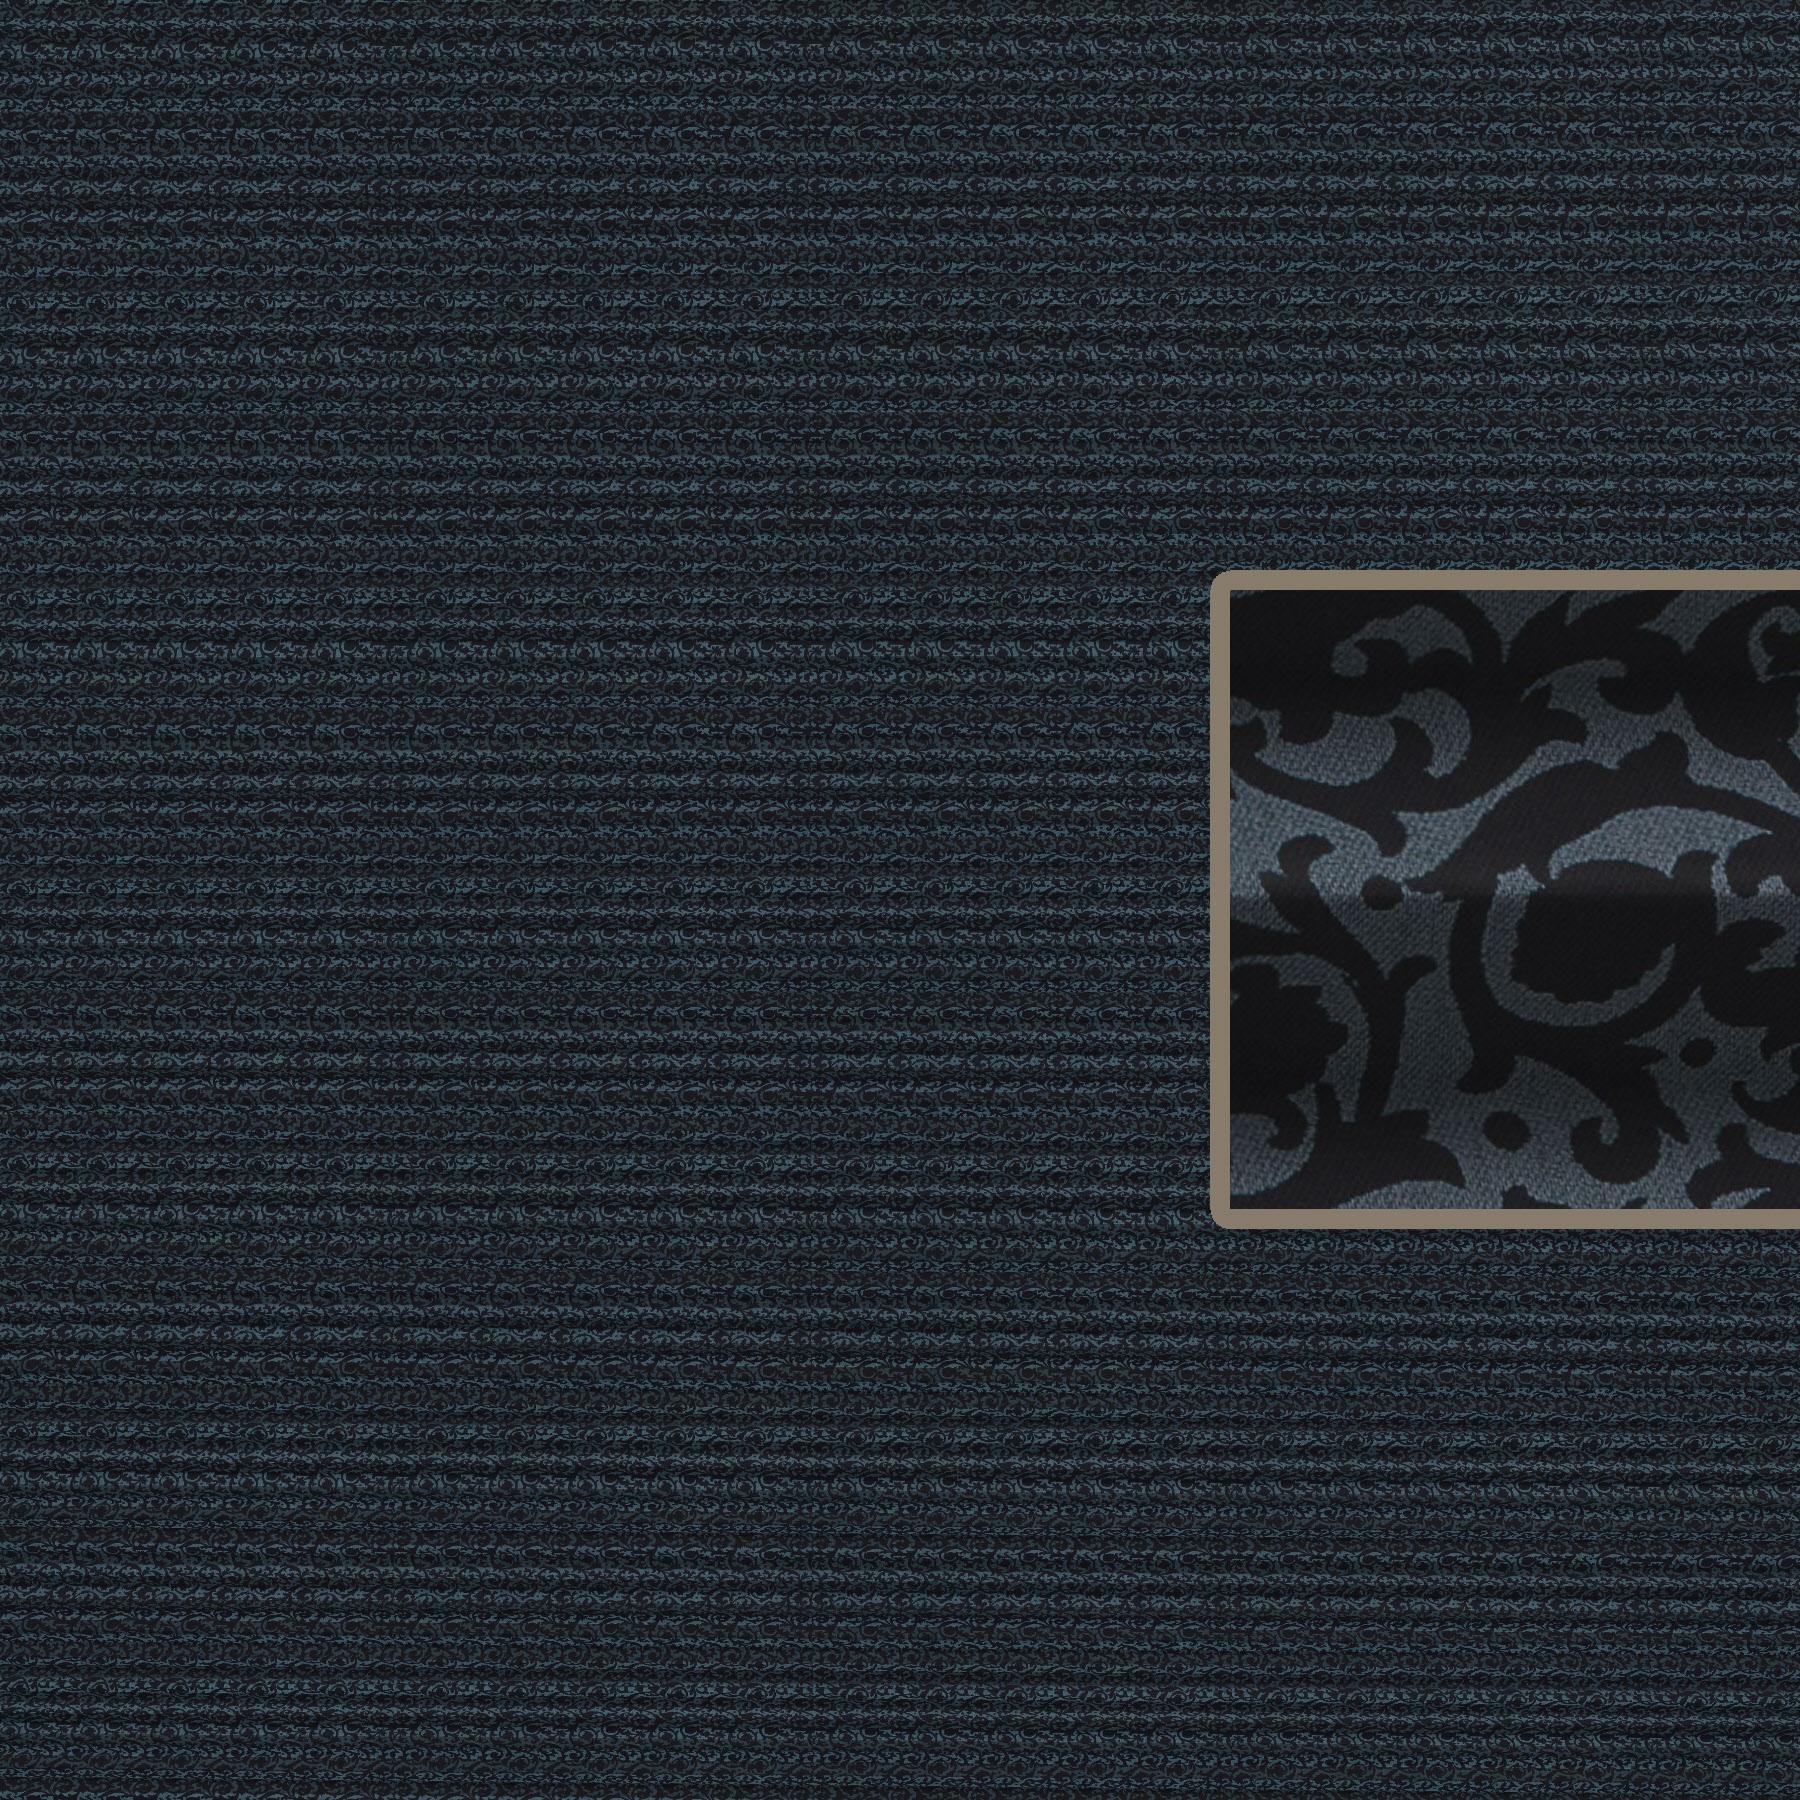 Plisseestoff Ameglia 26M51